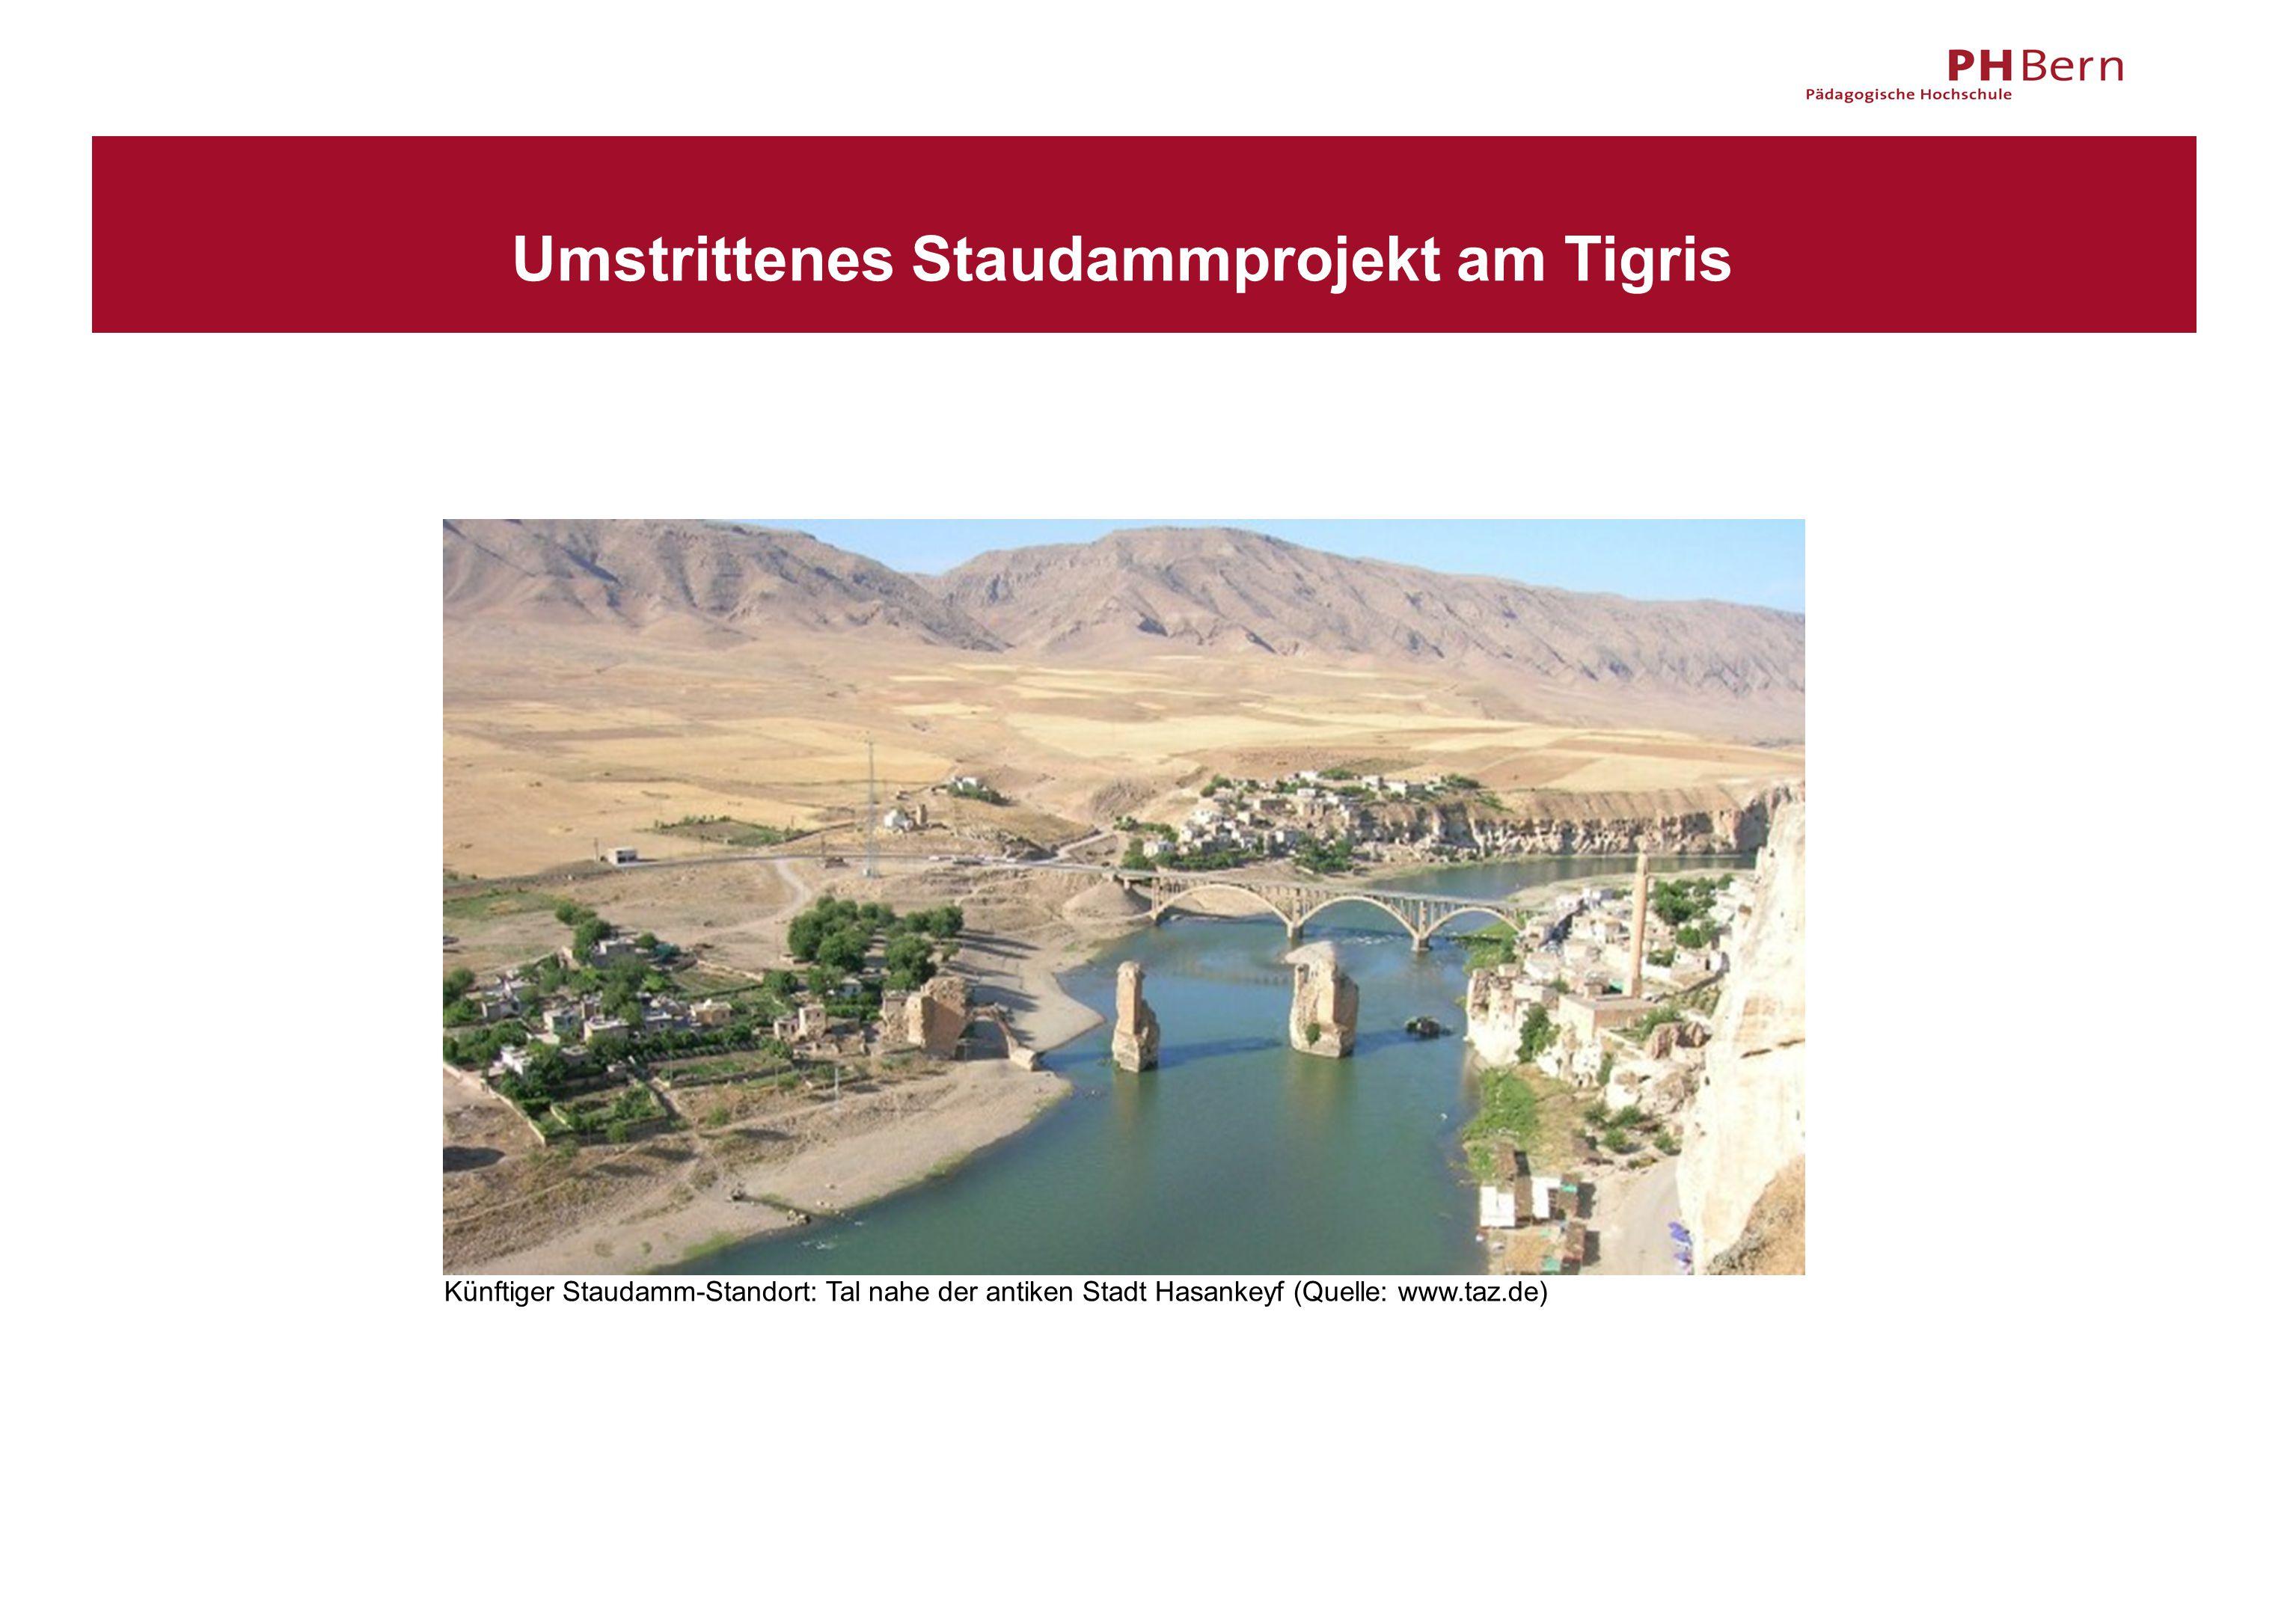 """""""Für die einen Fortschrittsmotor, für die anderen Umweltkatastrophe Newsnetz; 23.12.2008 """"Der Ilisu-Staudamm soll am Tigris, rund 60 Kilometer von der Grenze zu Syrien und dem Irak, gebaut werden."""